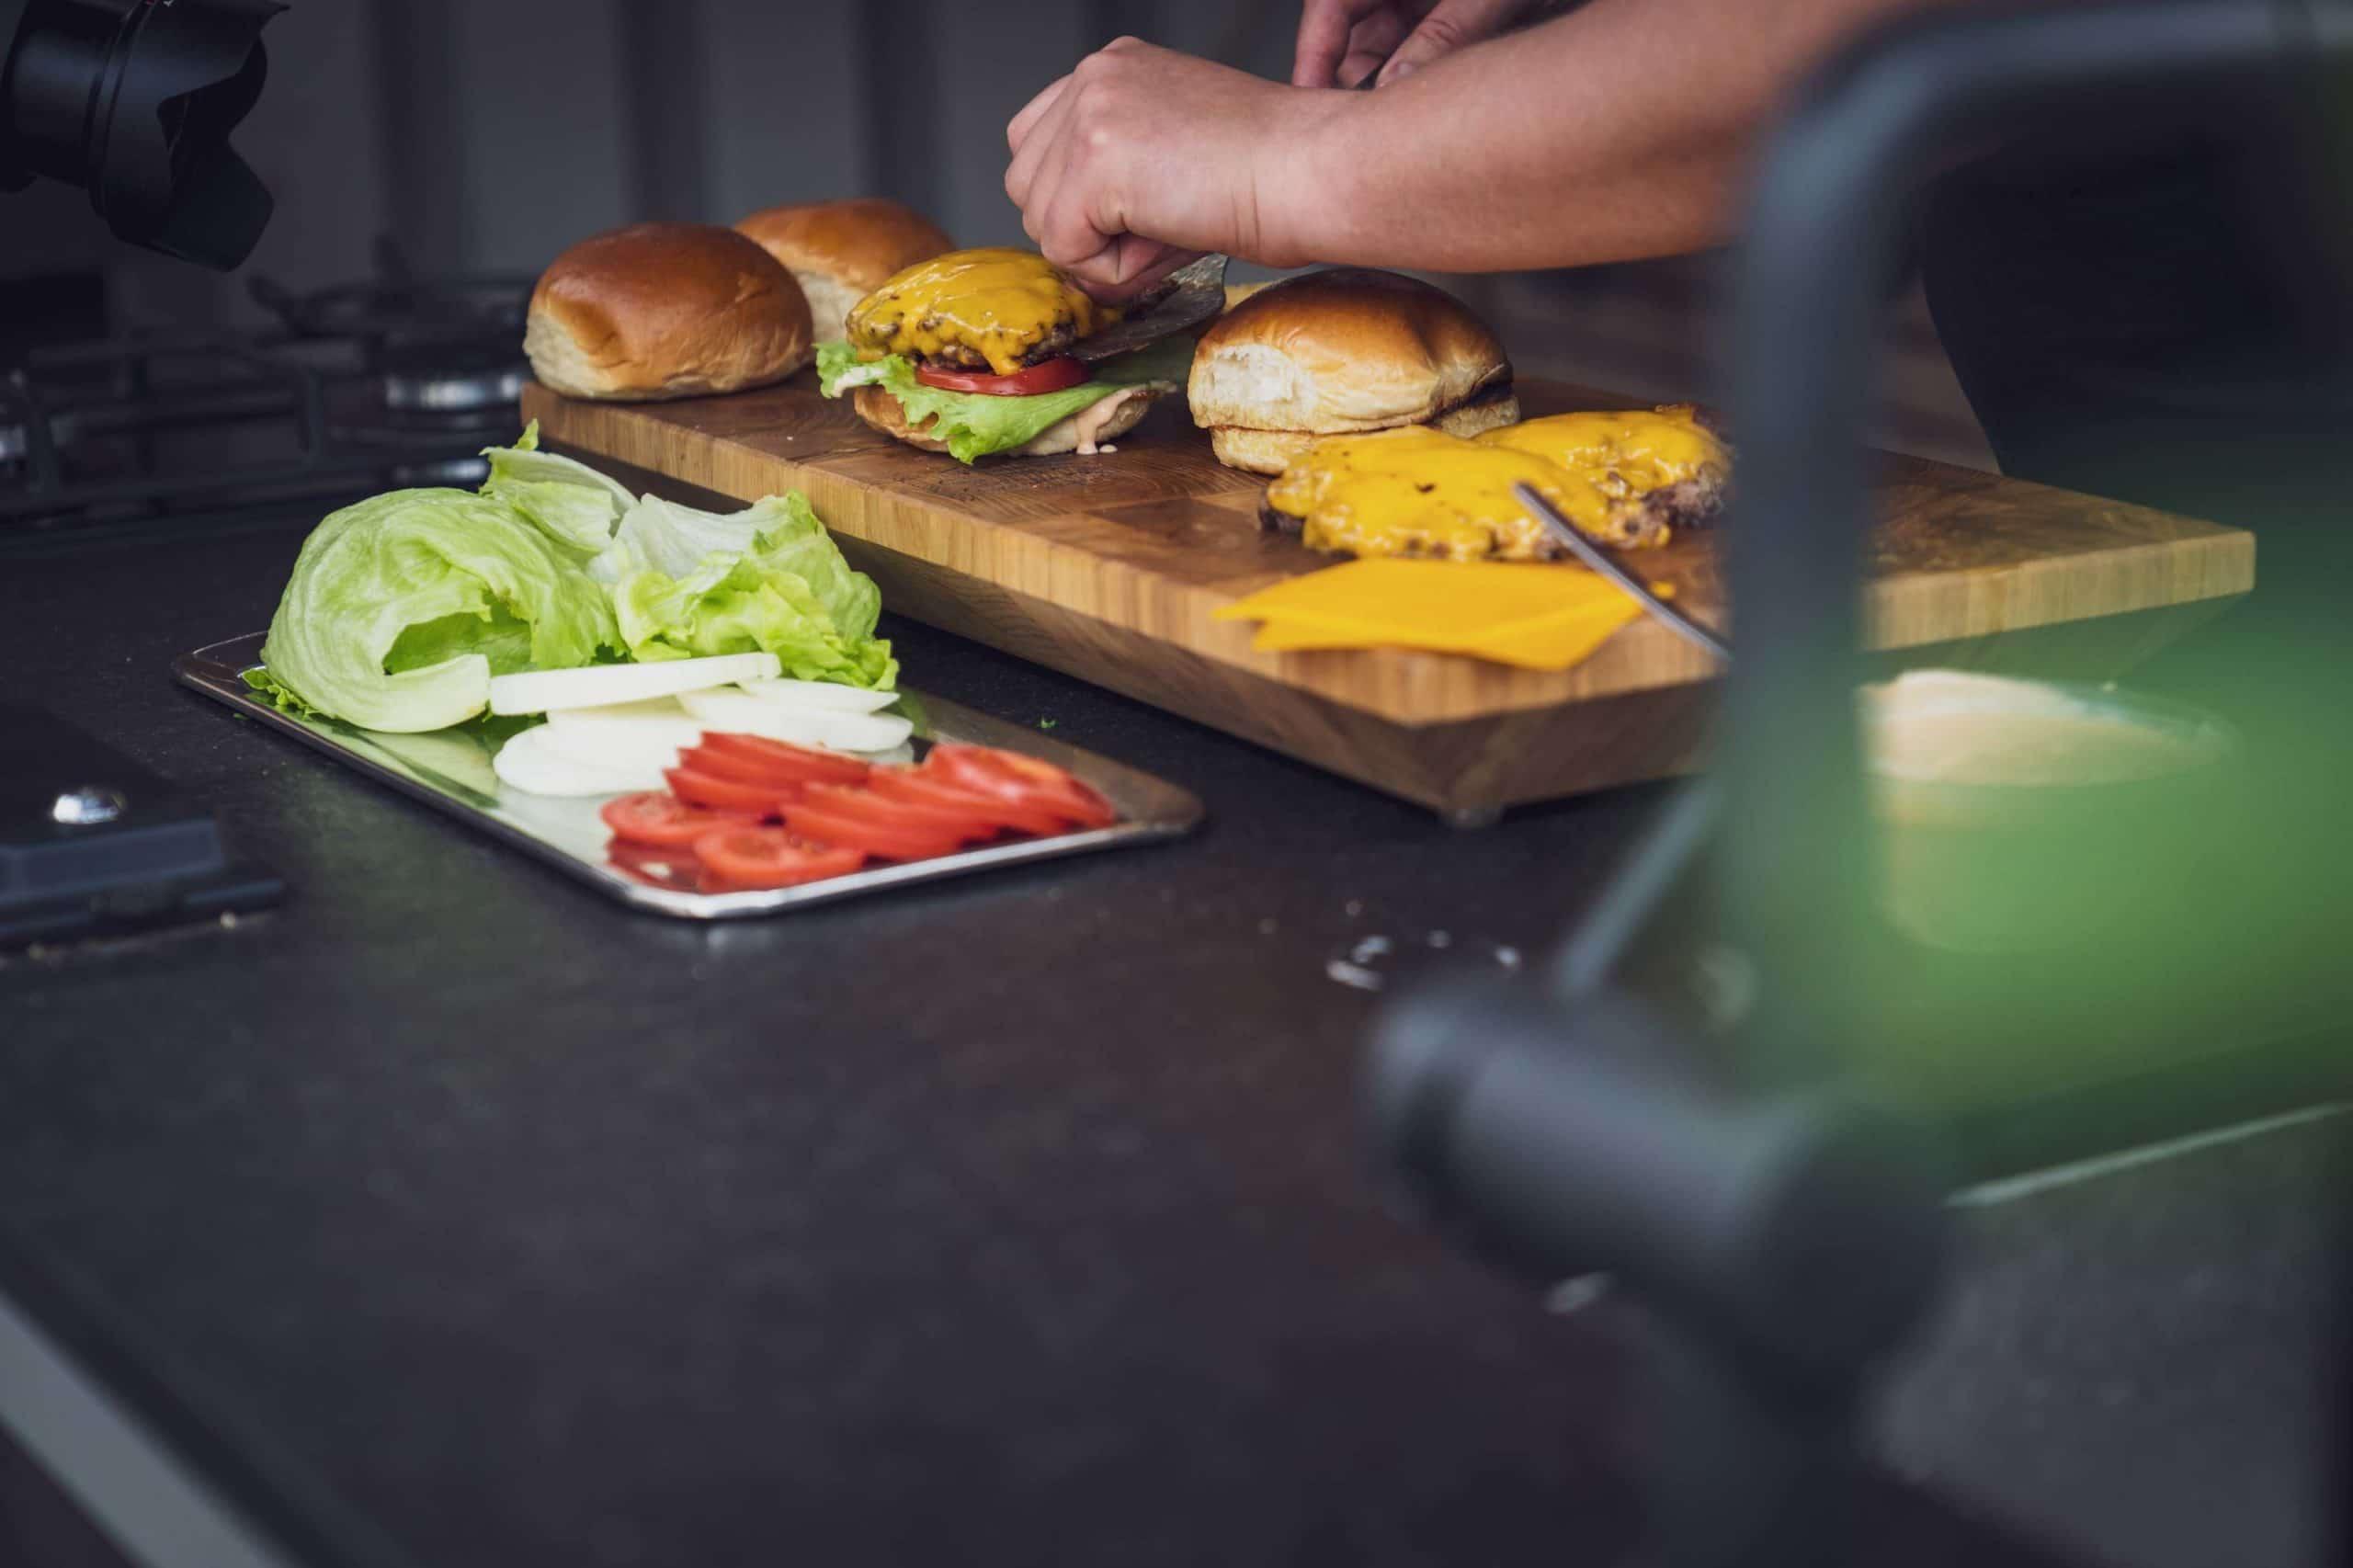 Mit frischen Zutaten wird der In-N-Out Burger ein Hit